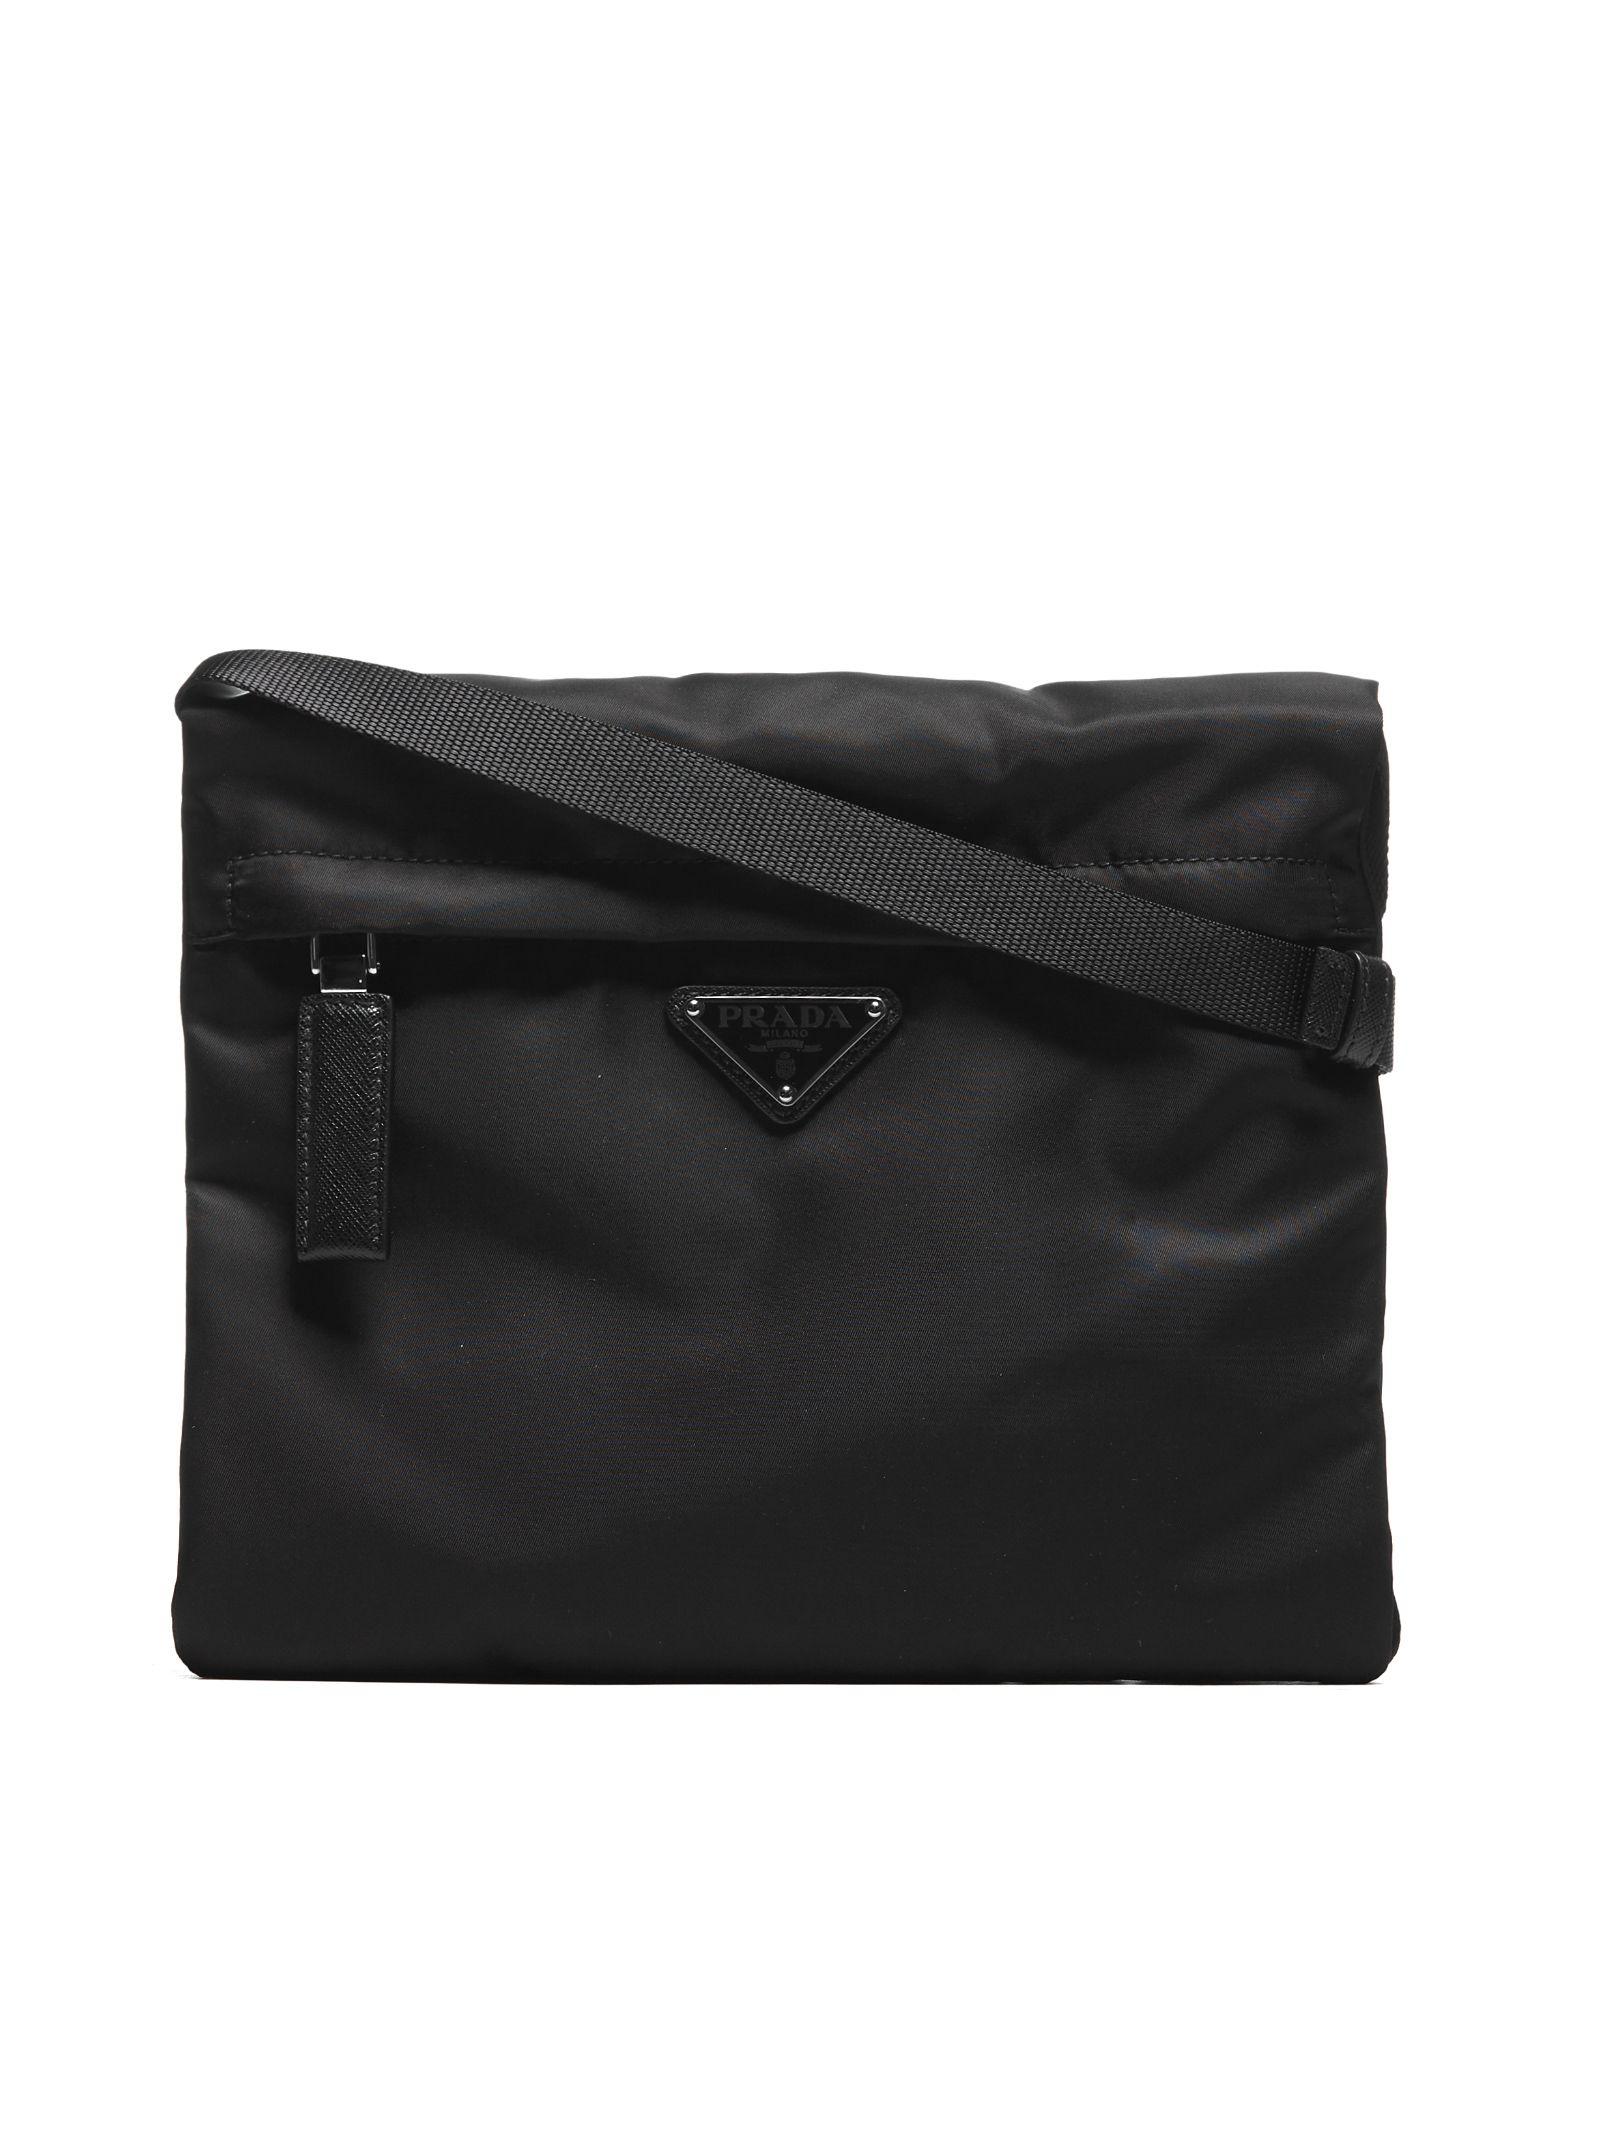 b3987b9af5aa33 Prada Prada Logo Patch Shoulder Bag - Black - 10699131 | italist